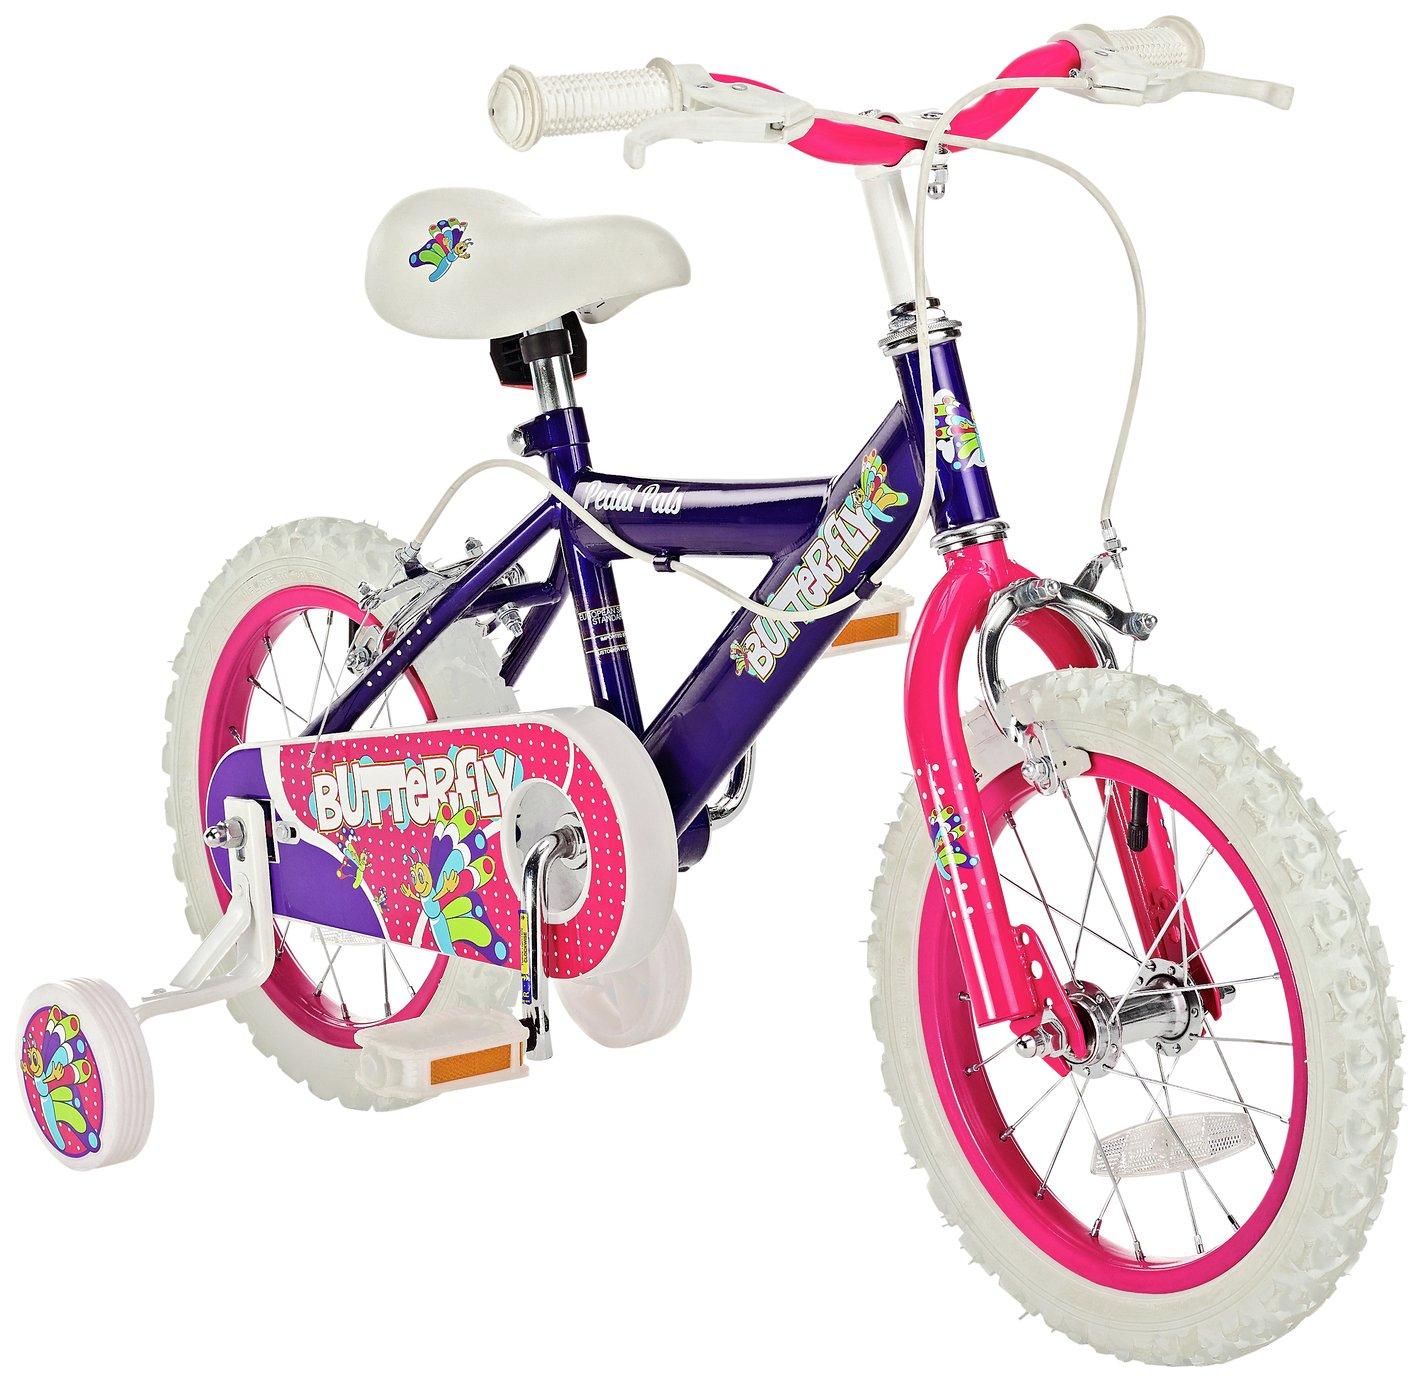 Pedal Pals Butterfly 14 inch Wheel Size Kids Bike